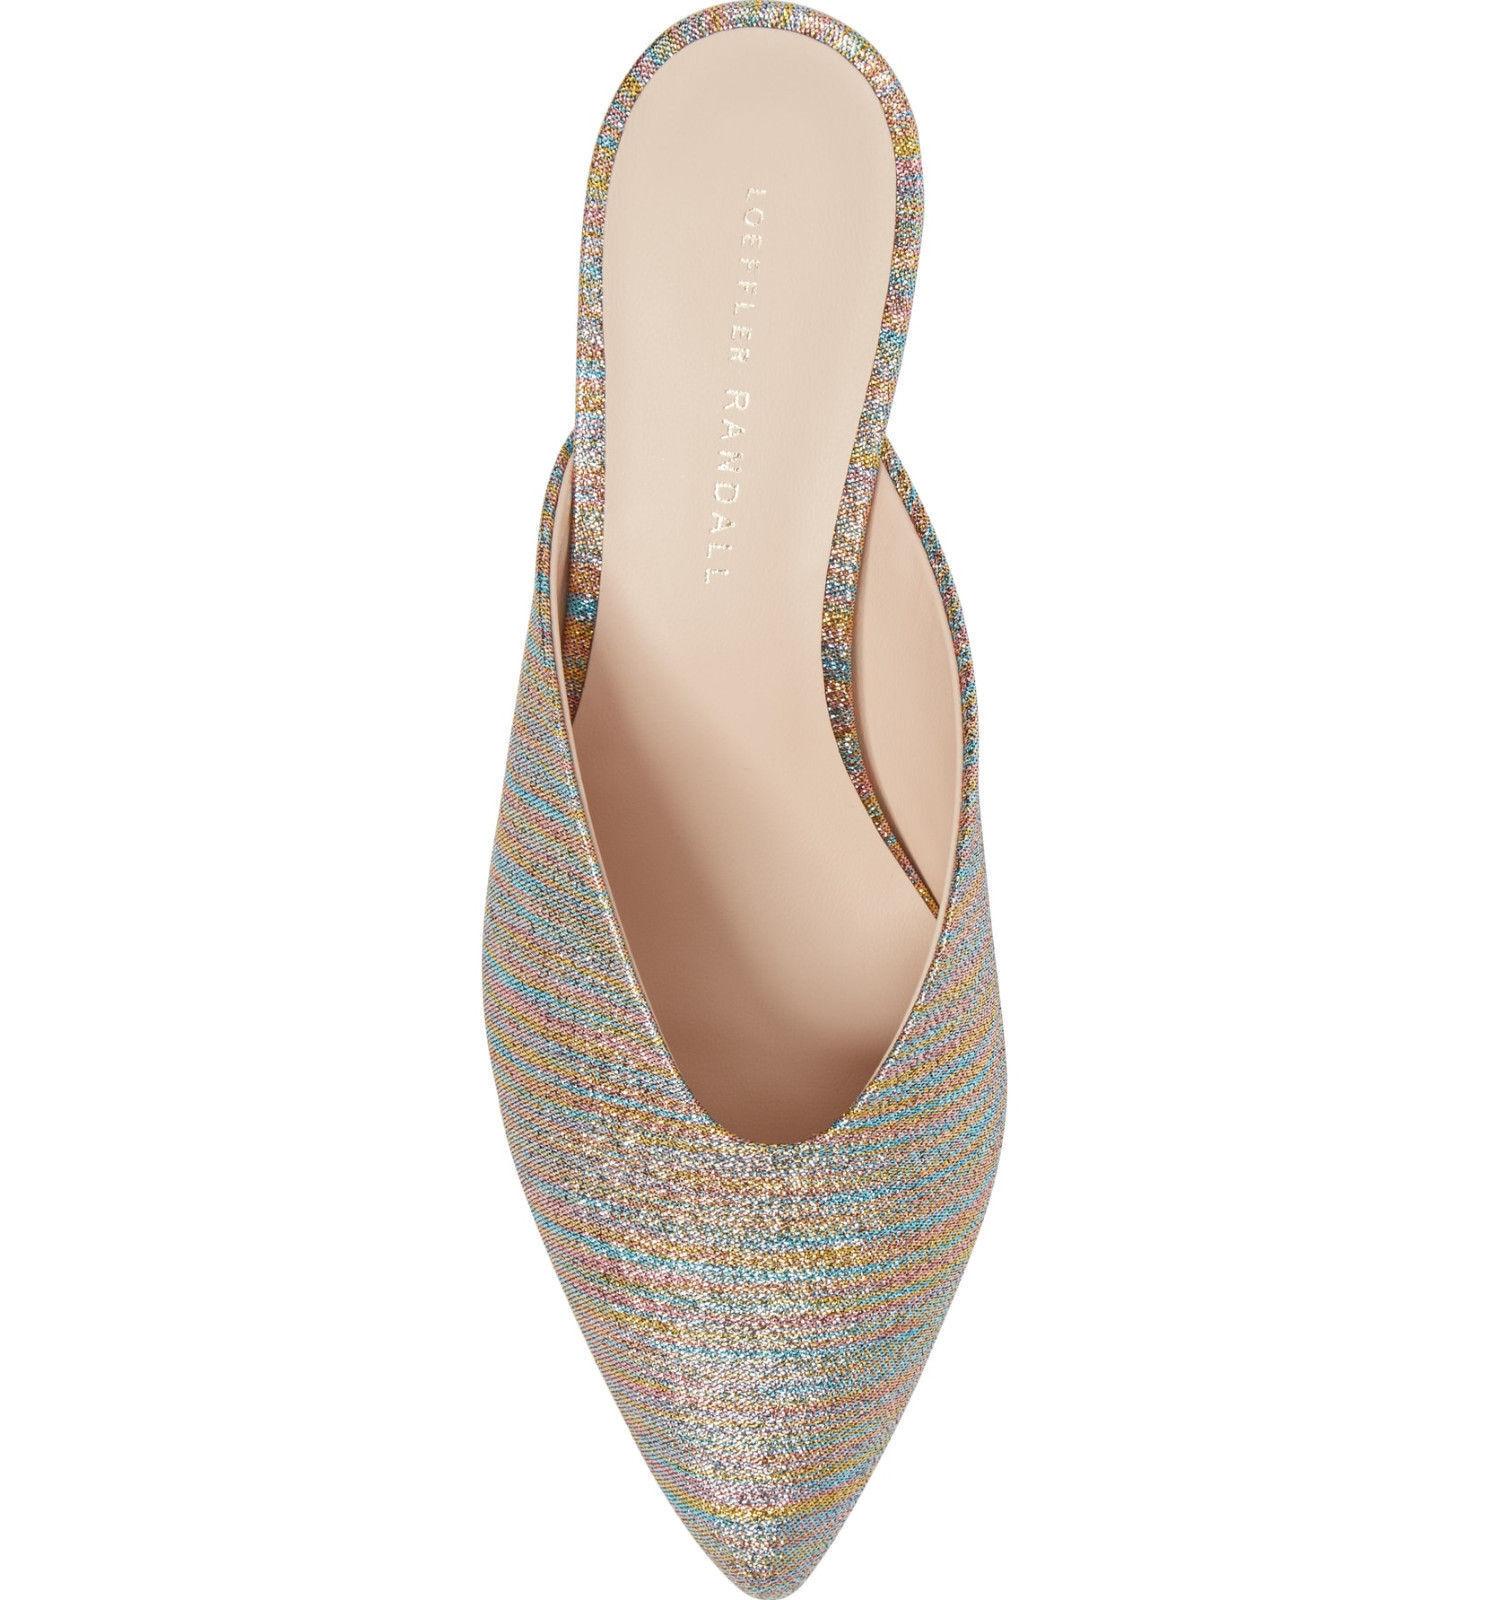 669ea40bfd Loeffler Randall Juno Glitter Rainbow Stripe Mule Sandal US 6 Kitten Heel  Pump for sale online   eBay